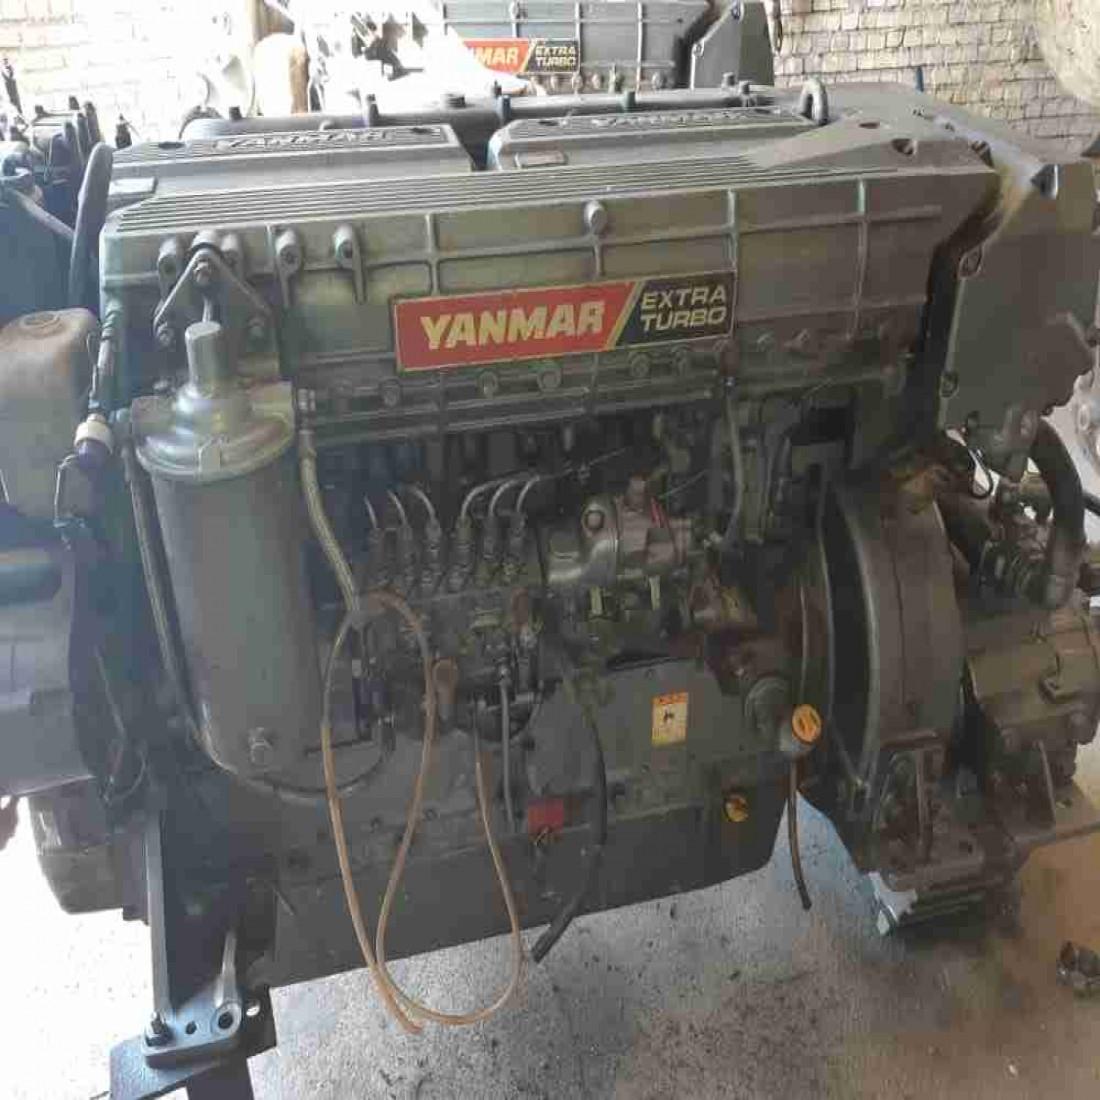 فروش موتور یانمار 650kv